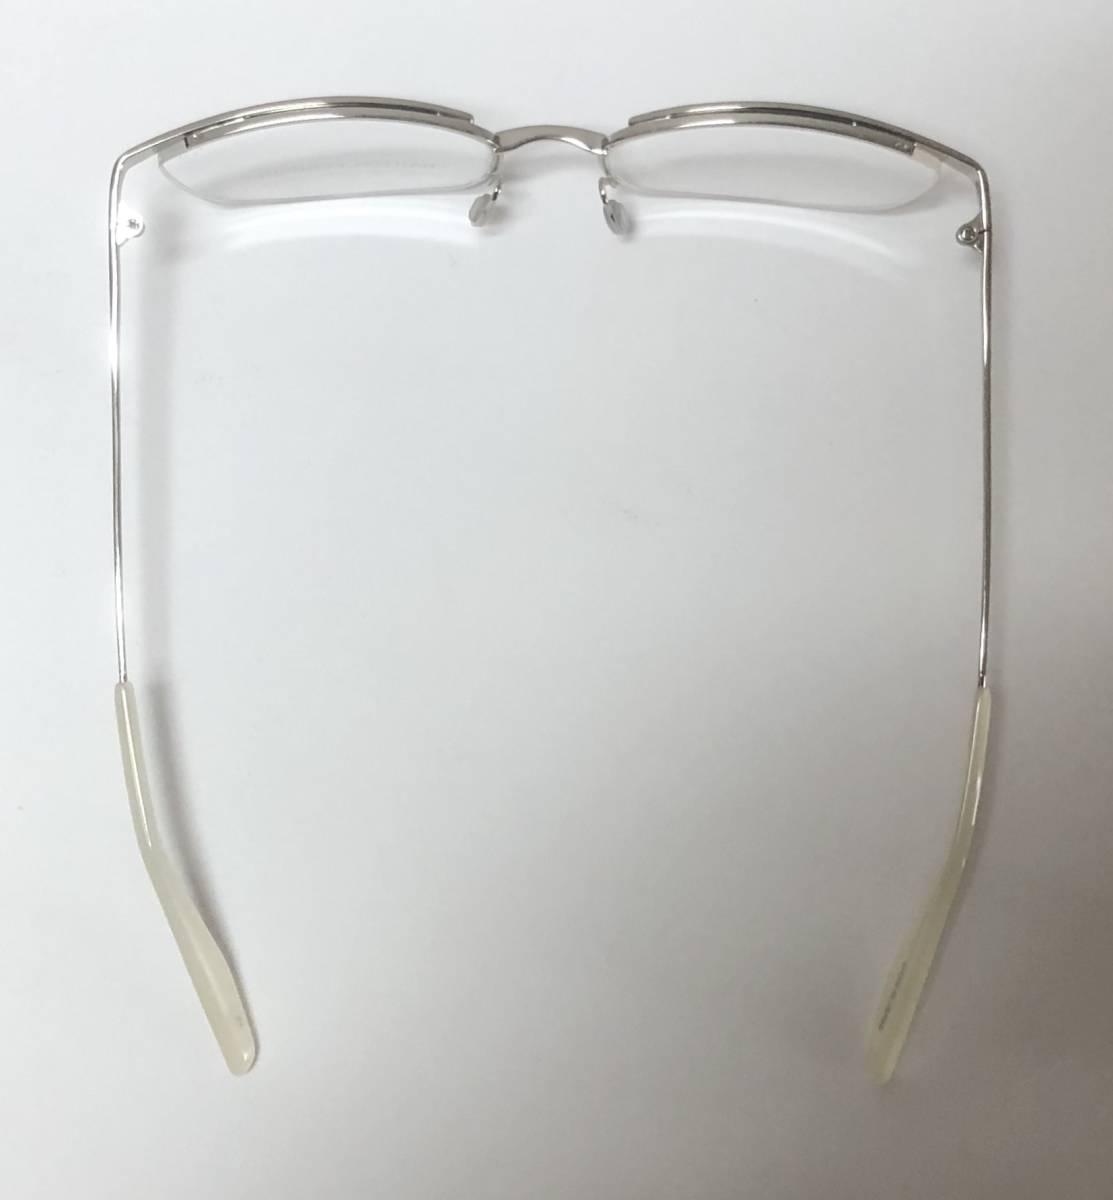 定価85800円 新品) 上流階級 バートンペレイラ ミア Barton Perreira 極上品 純正メガネ 付属品付き 日本製 米国ブランド_画像6